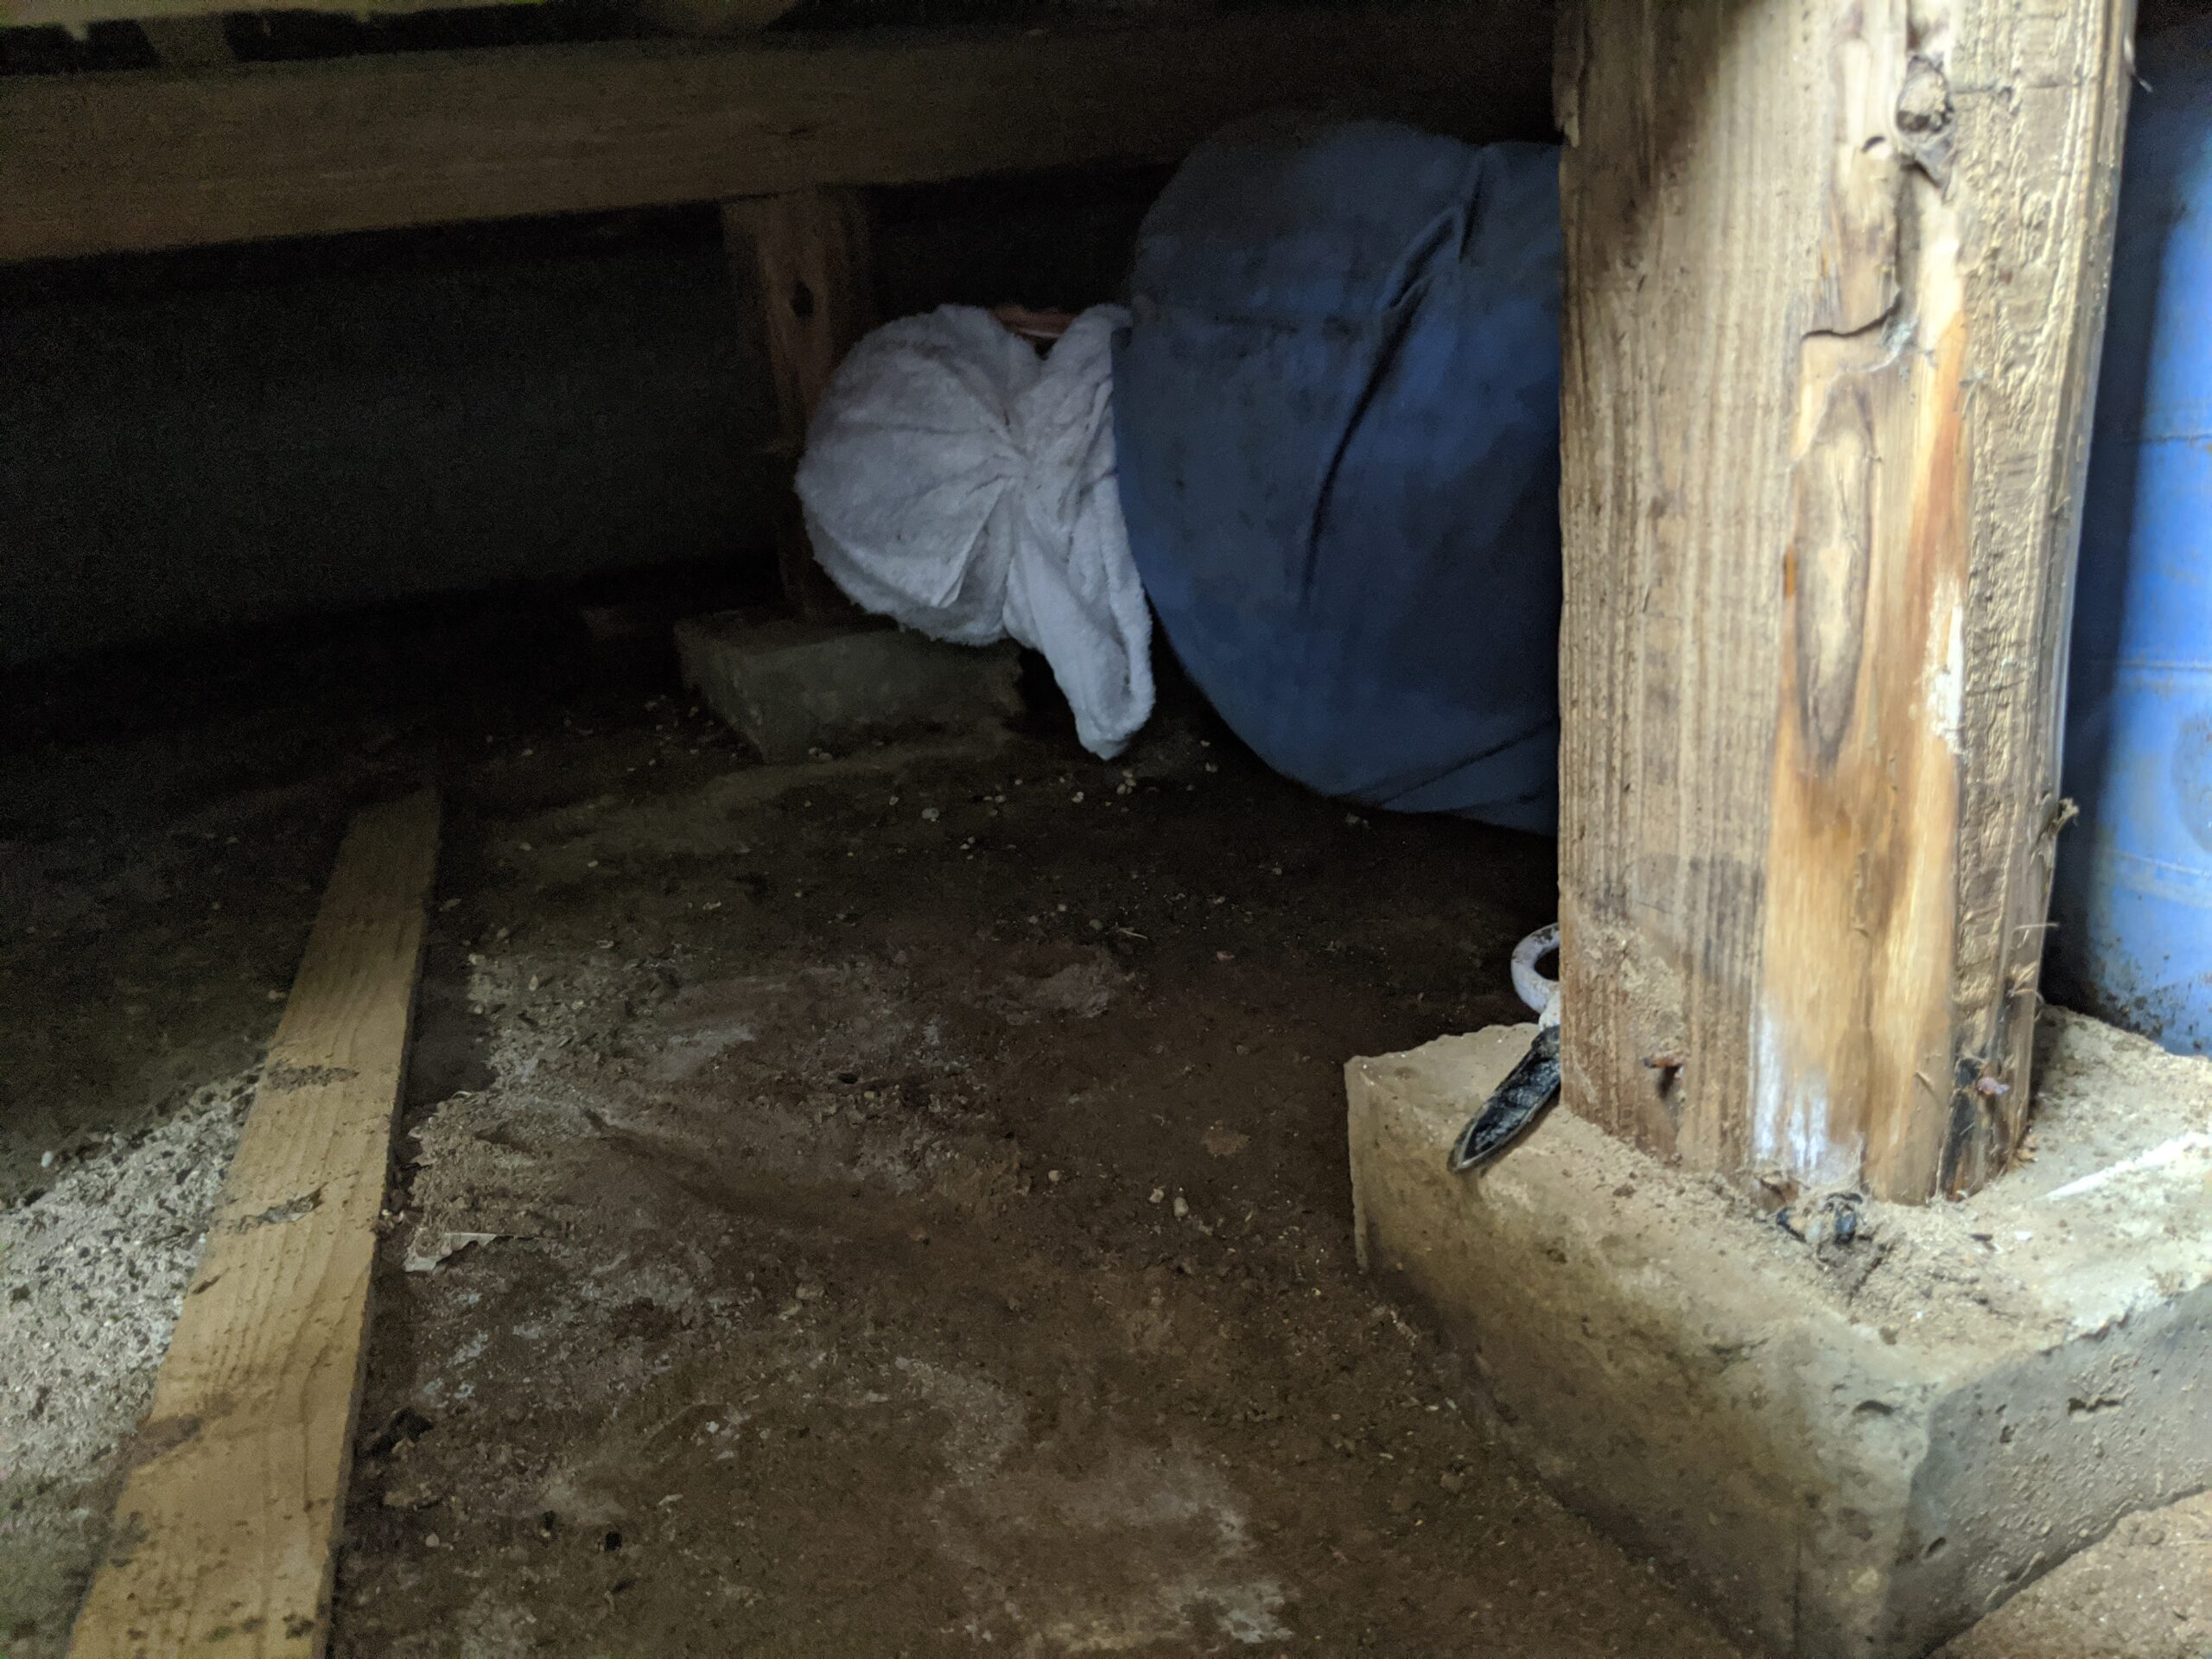 千葉県我孫子市のk様の湿気対策:施工前